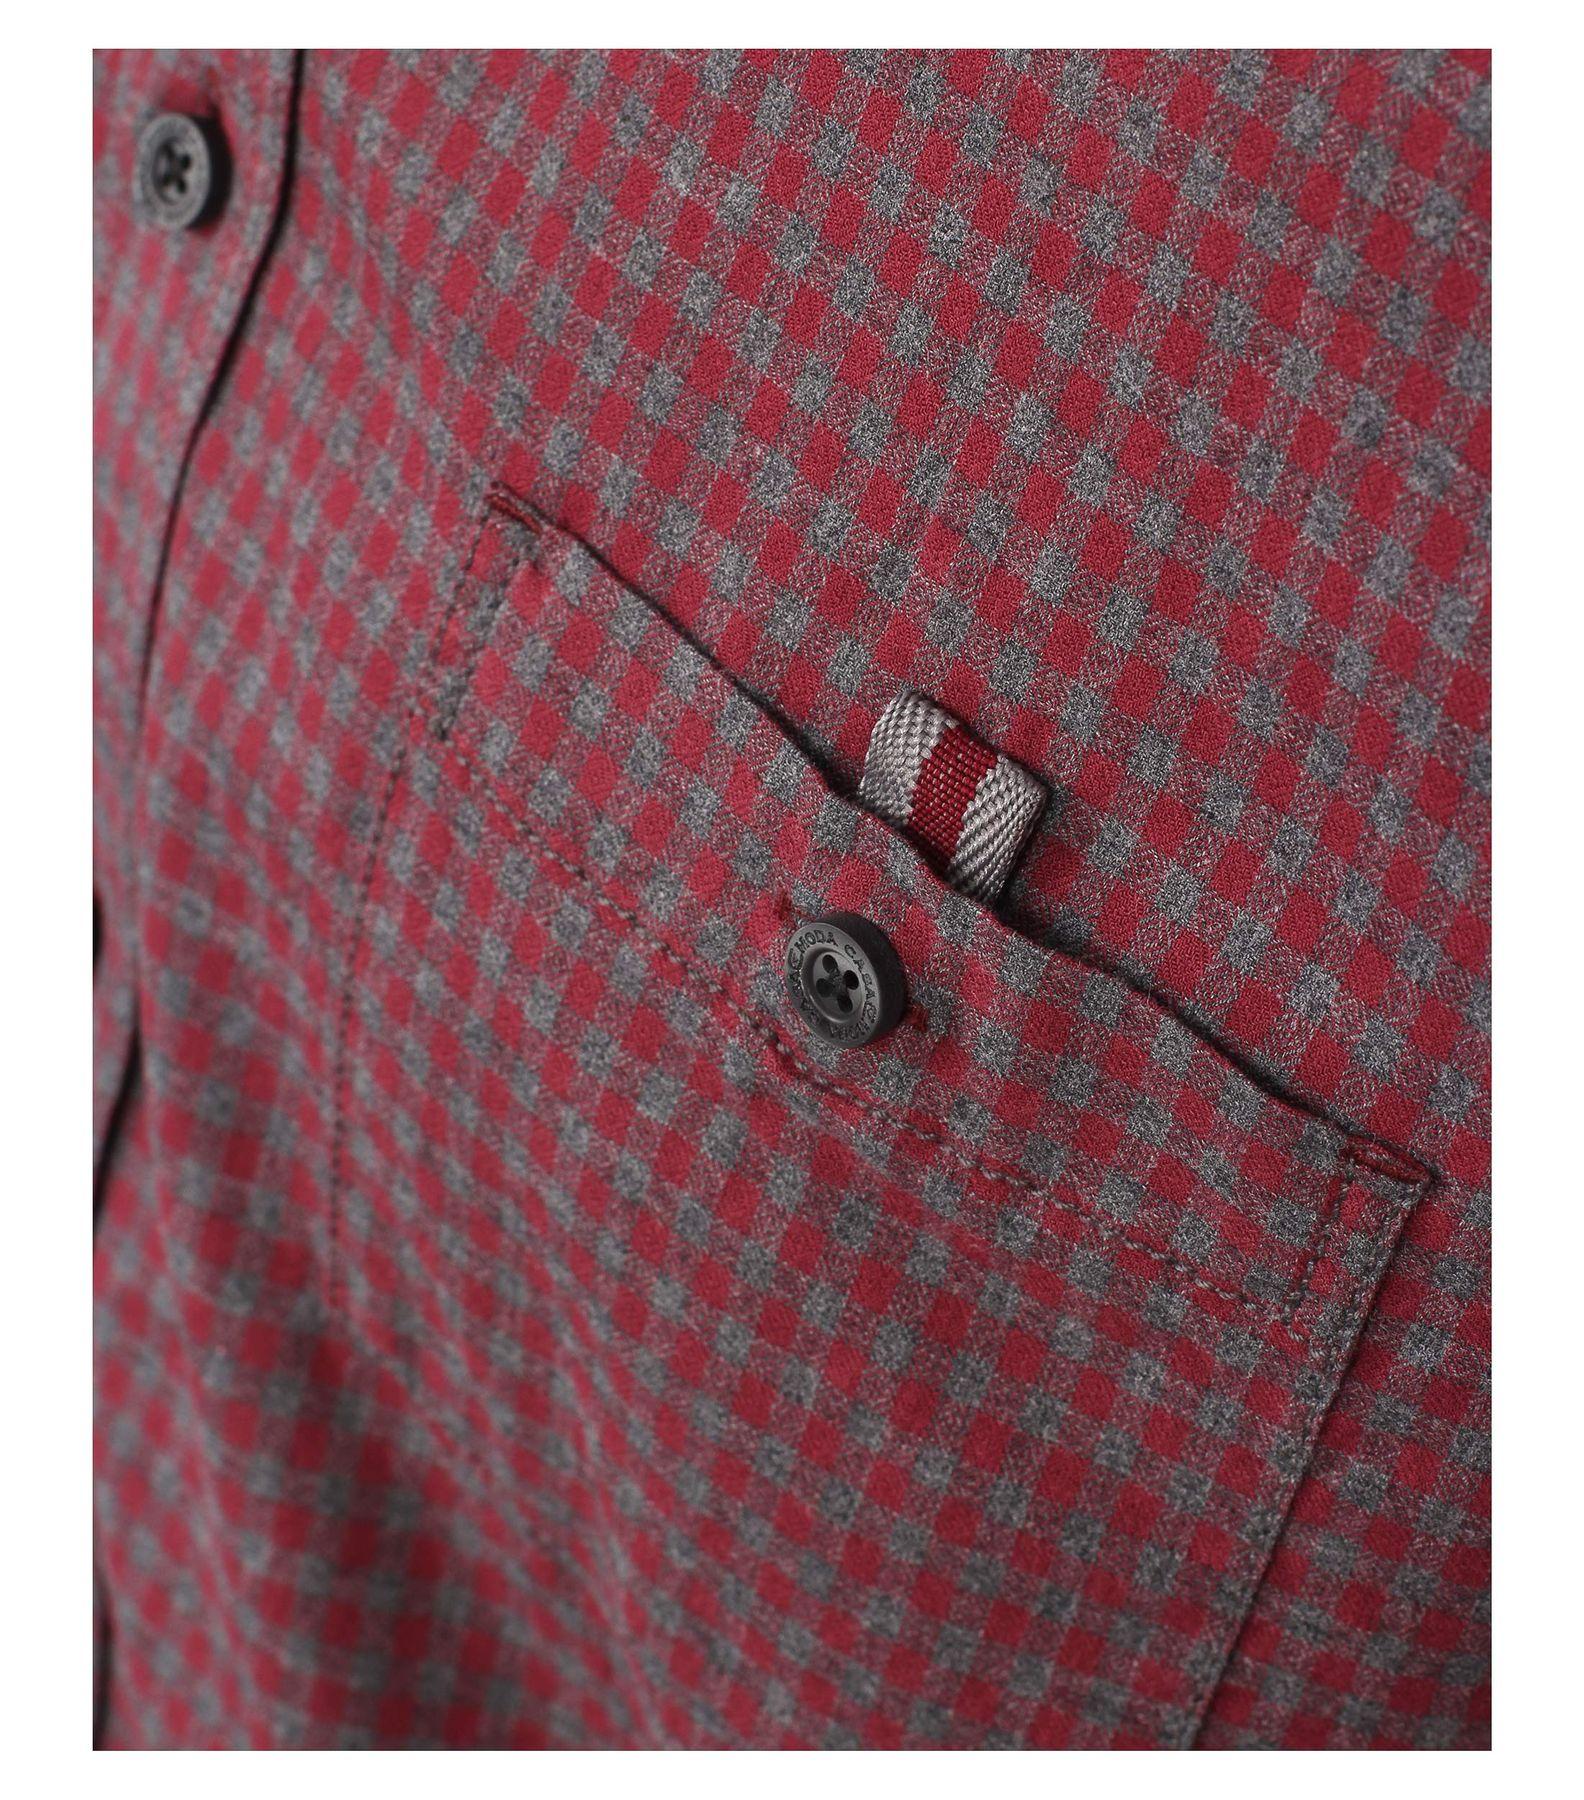 Casa Moda - Casual Fit - Herren langarm Hemd mit Kent Kragen und aus 100% Baumwolle (462554500A) – Bild 5